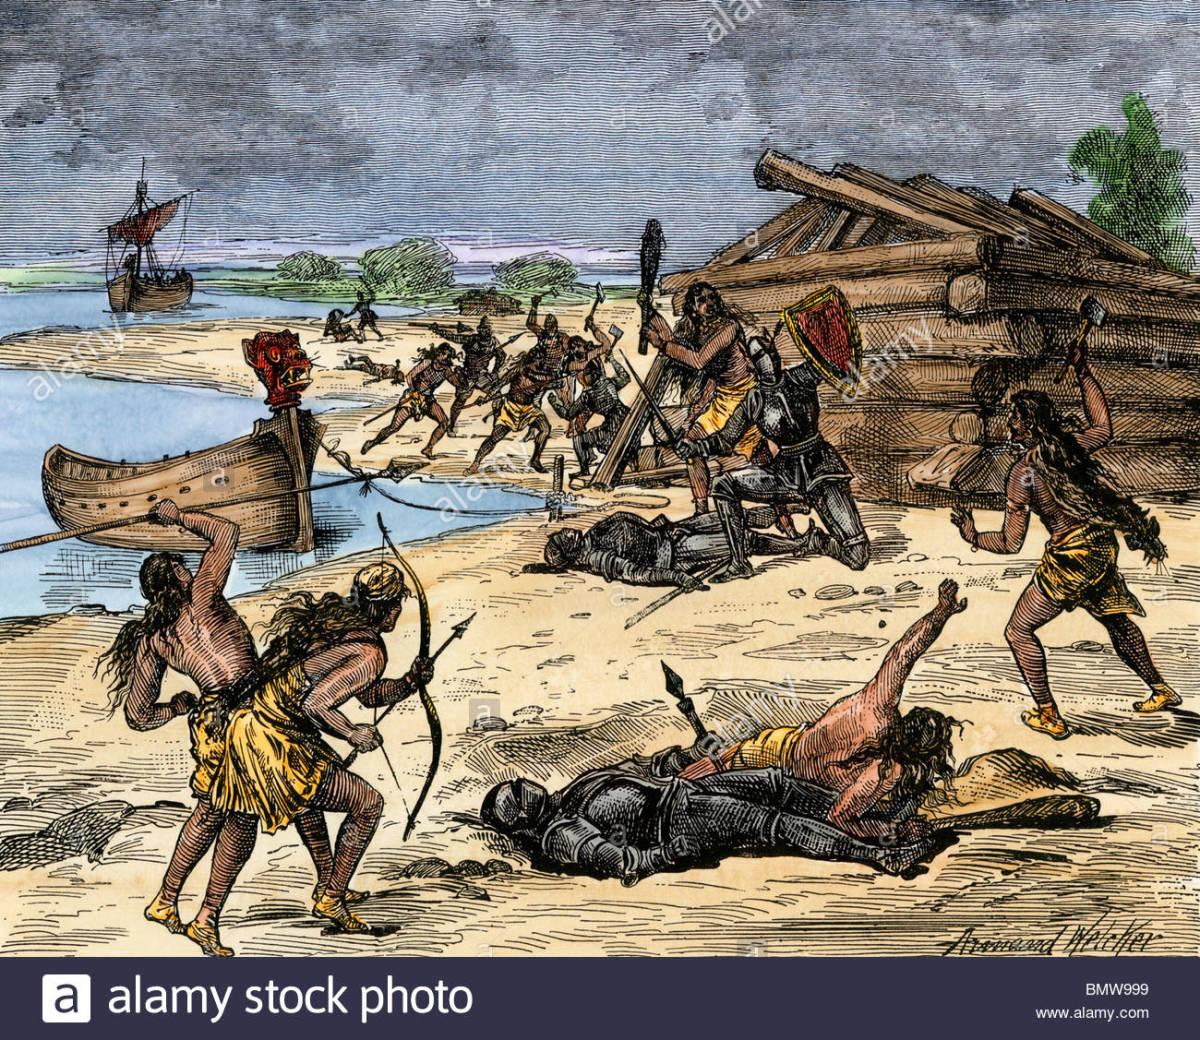 Indigenous Natives, Skraelings